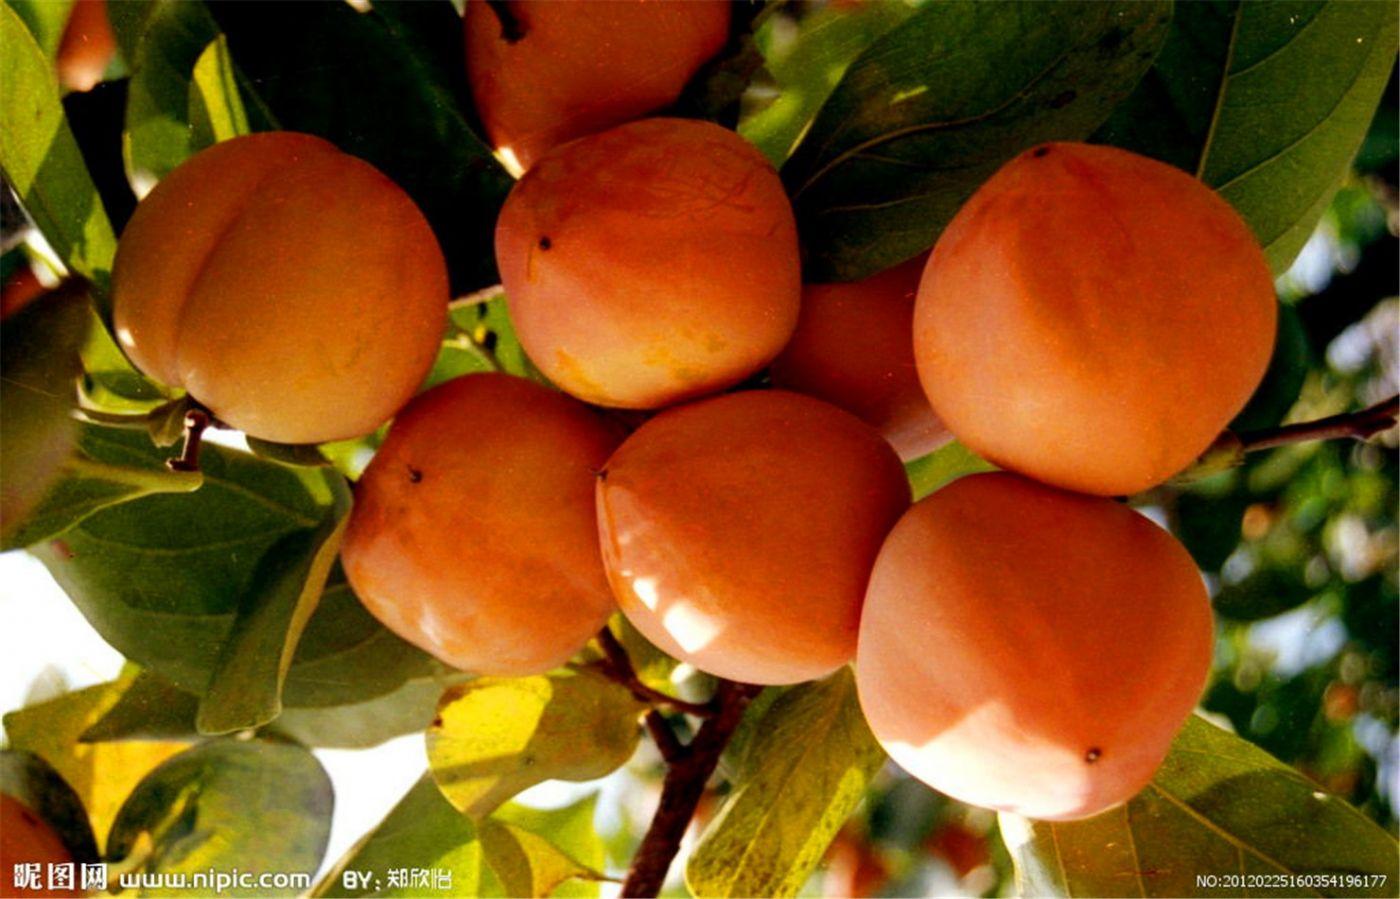 柿子也很漂亮_图1-3